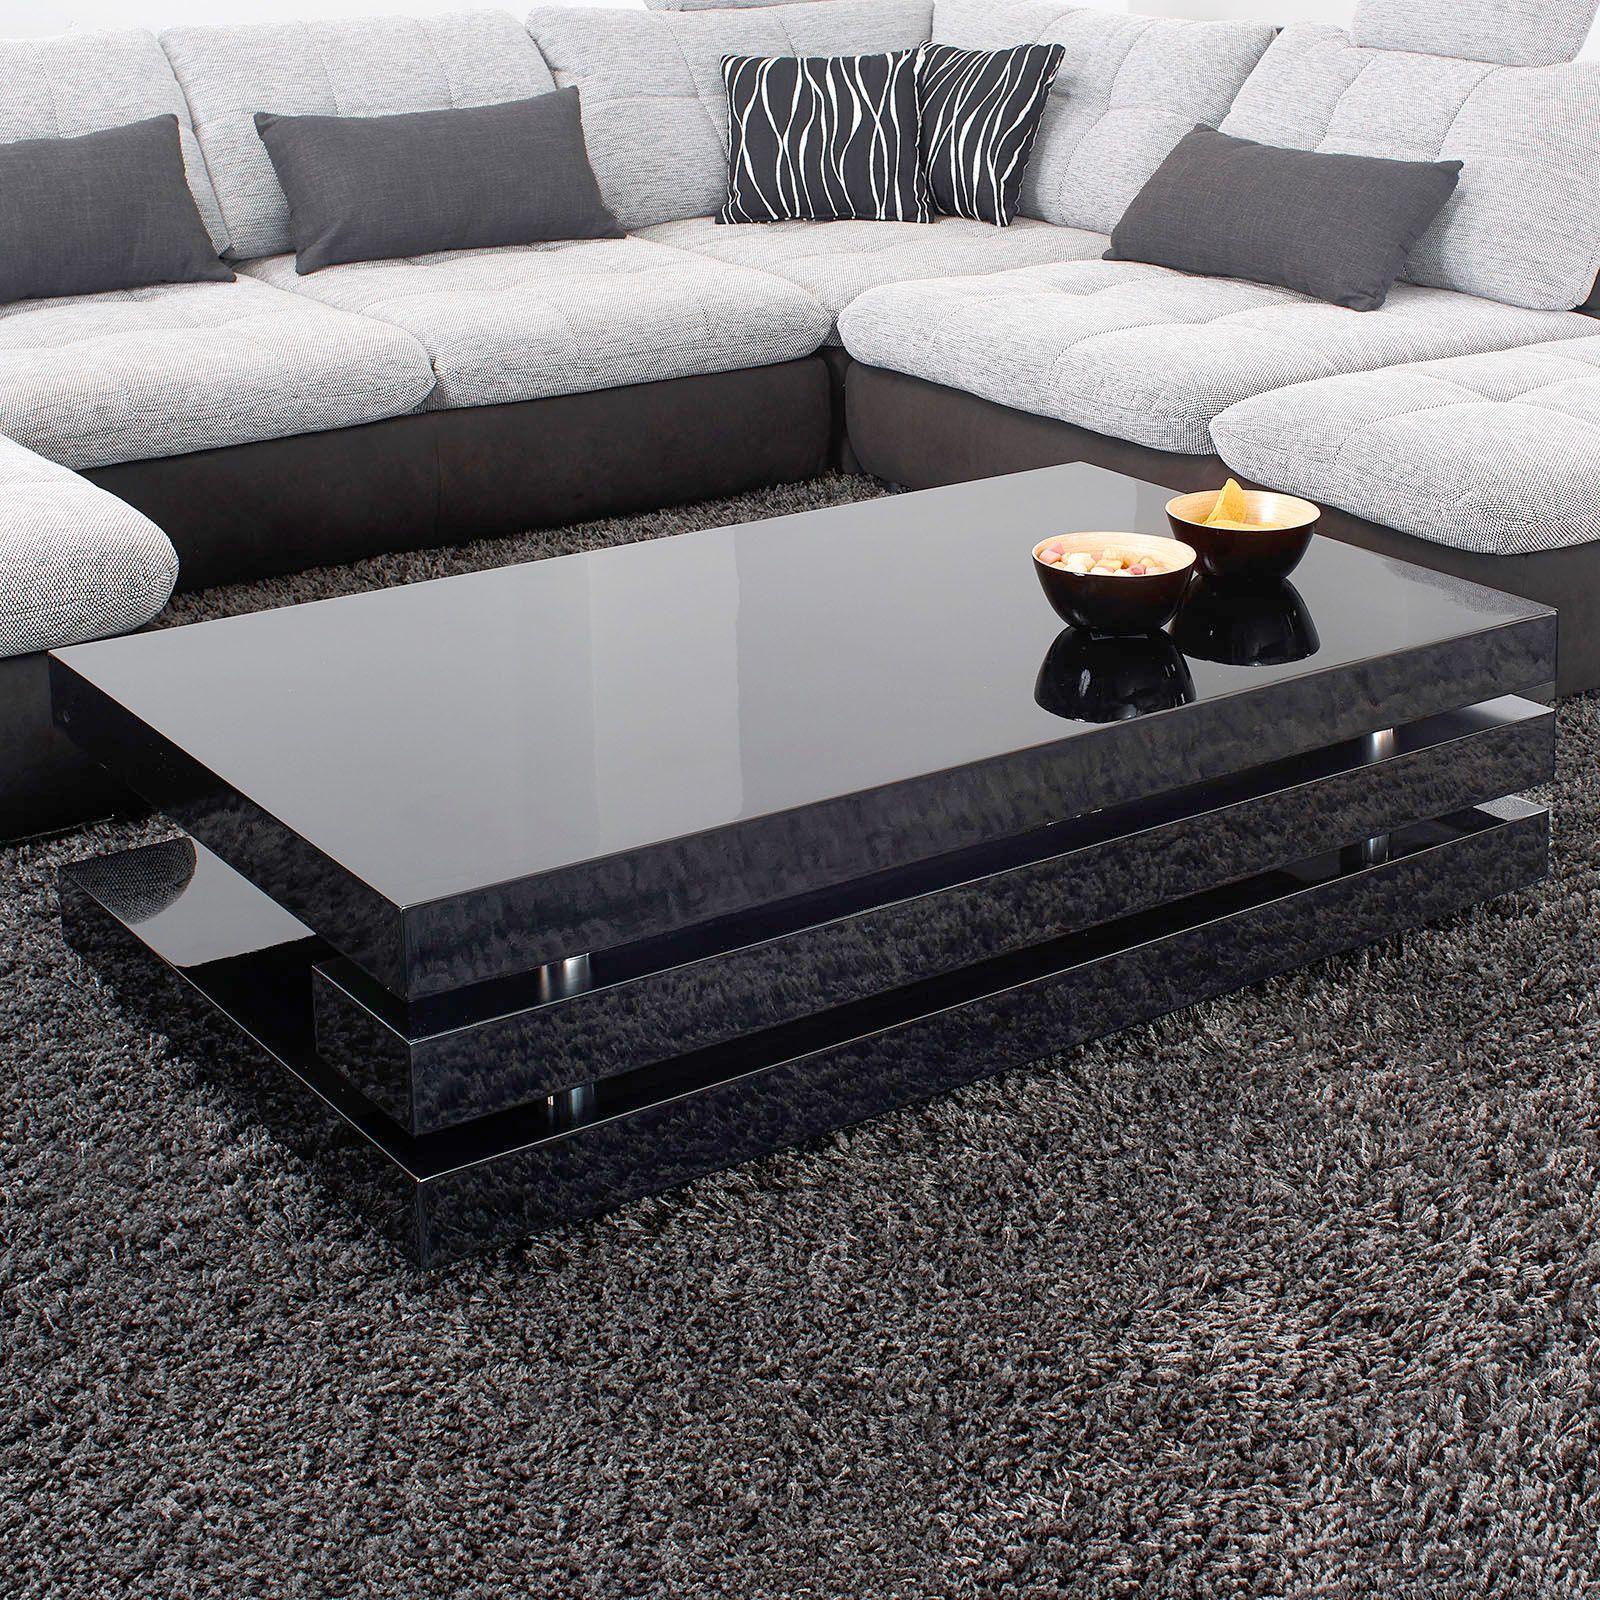 Gut Couchtisch Hochglanz Schwarz Lack Ancona Modern Design, Besticht Durch Sein  Zeitgemäßes Design Und Seiner Exklusivität